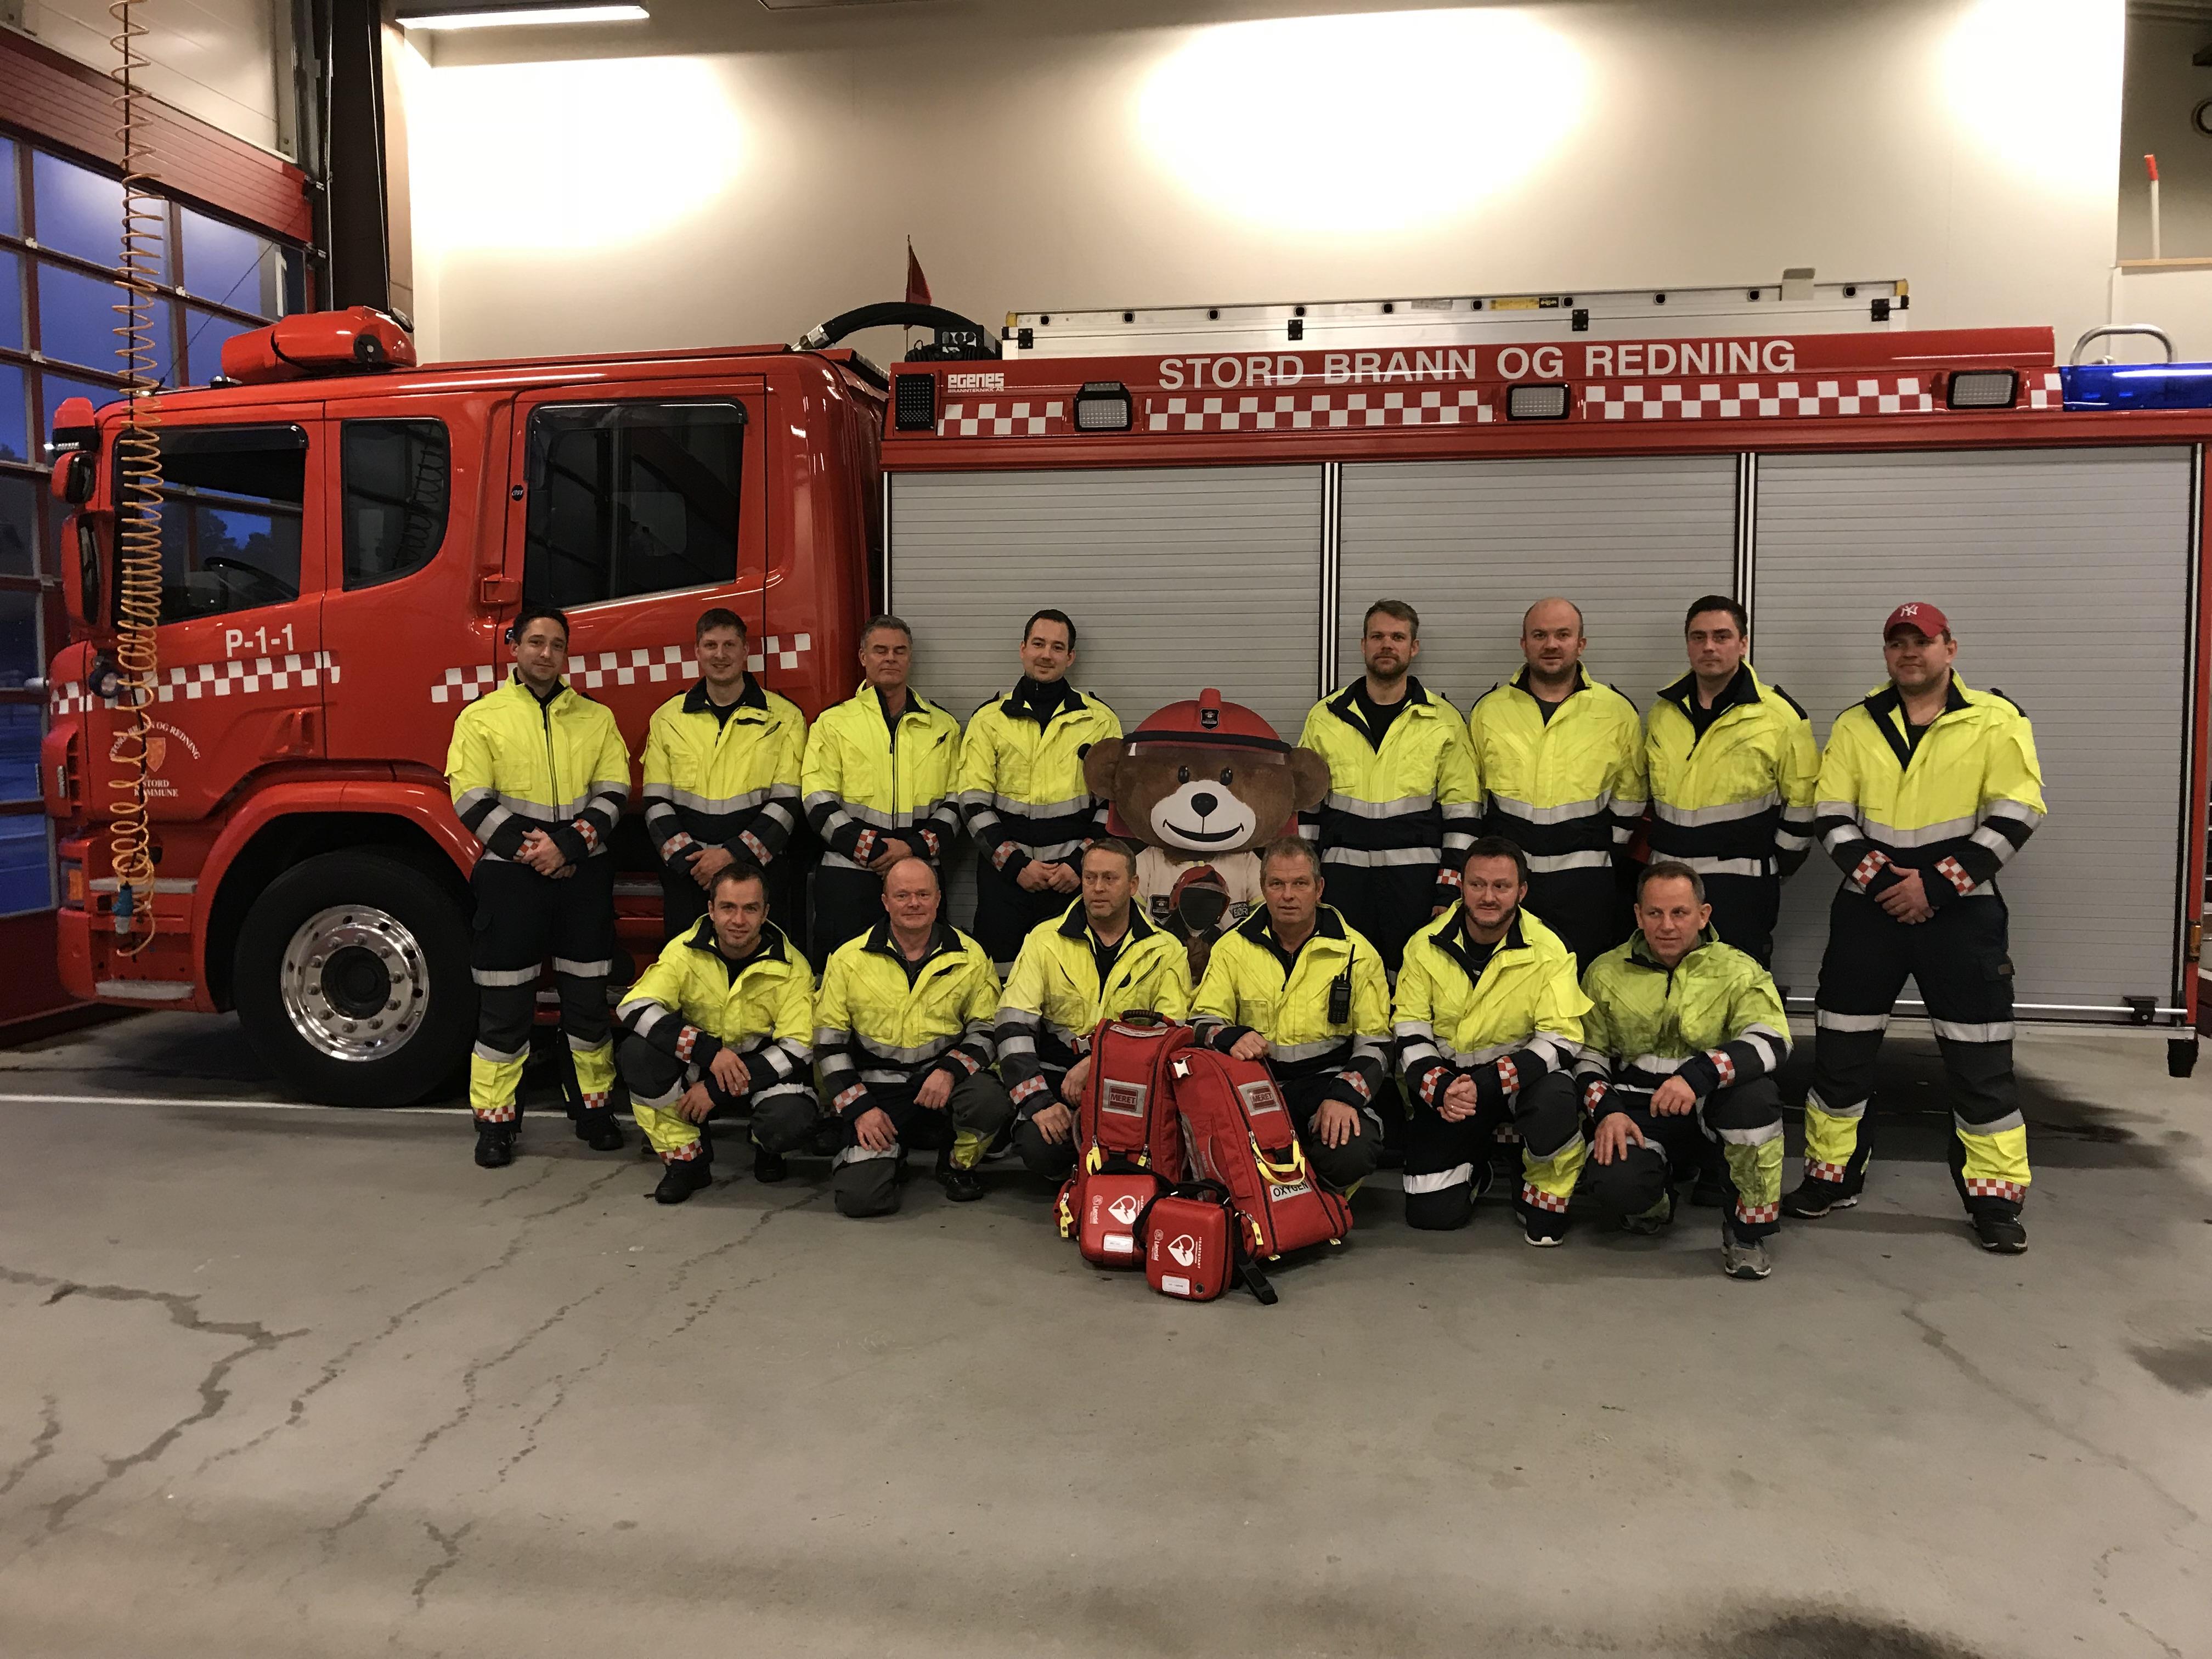 Stord brann og redning